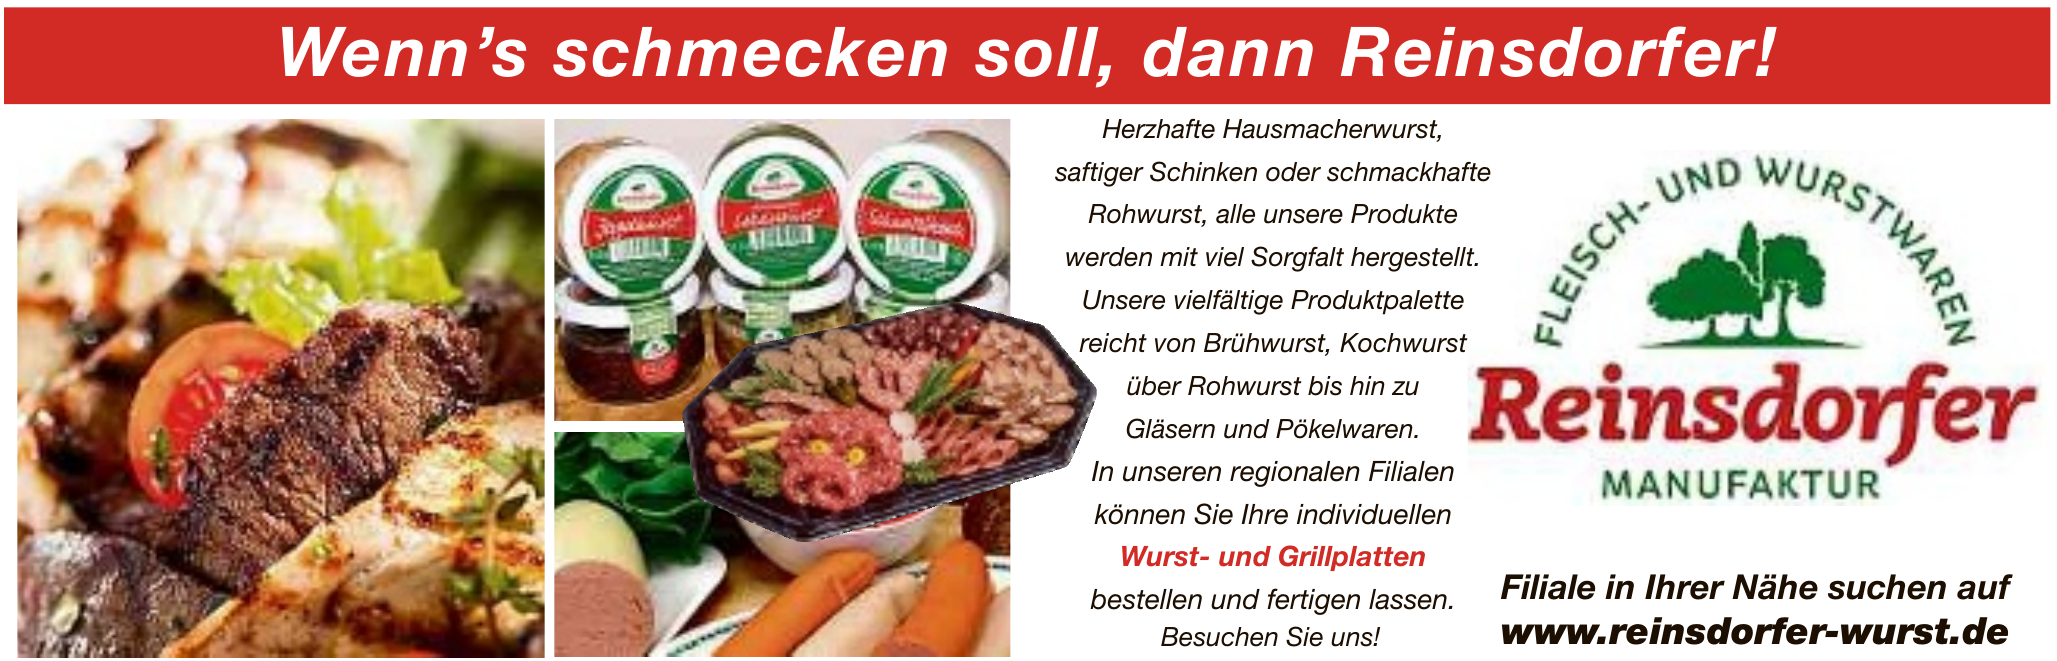 Fleisch- und Wurstwaren Reinsdorfer Manufaktur